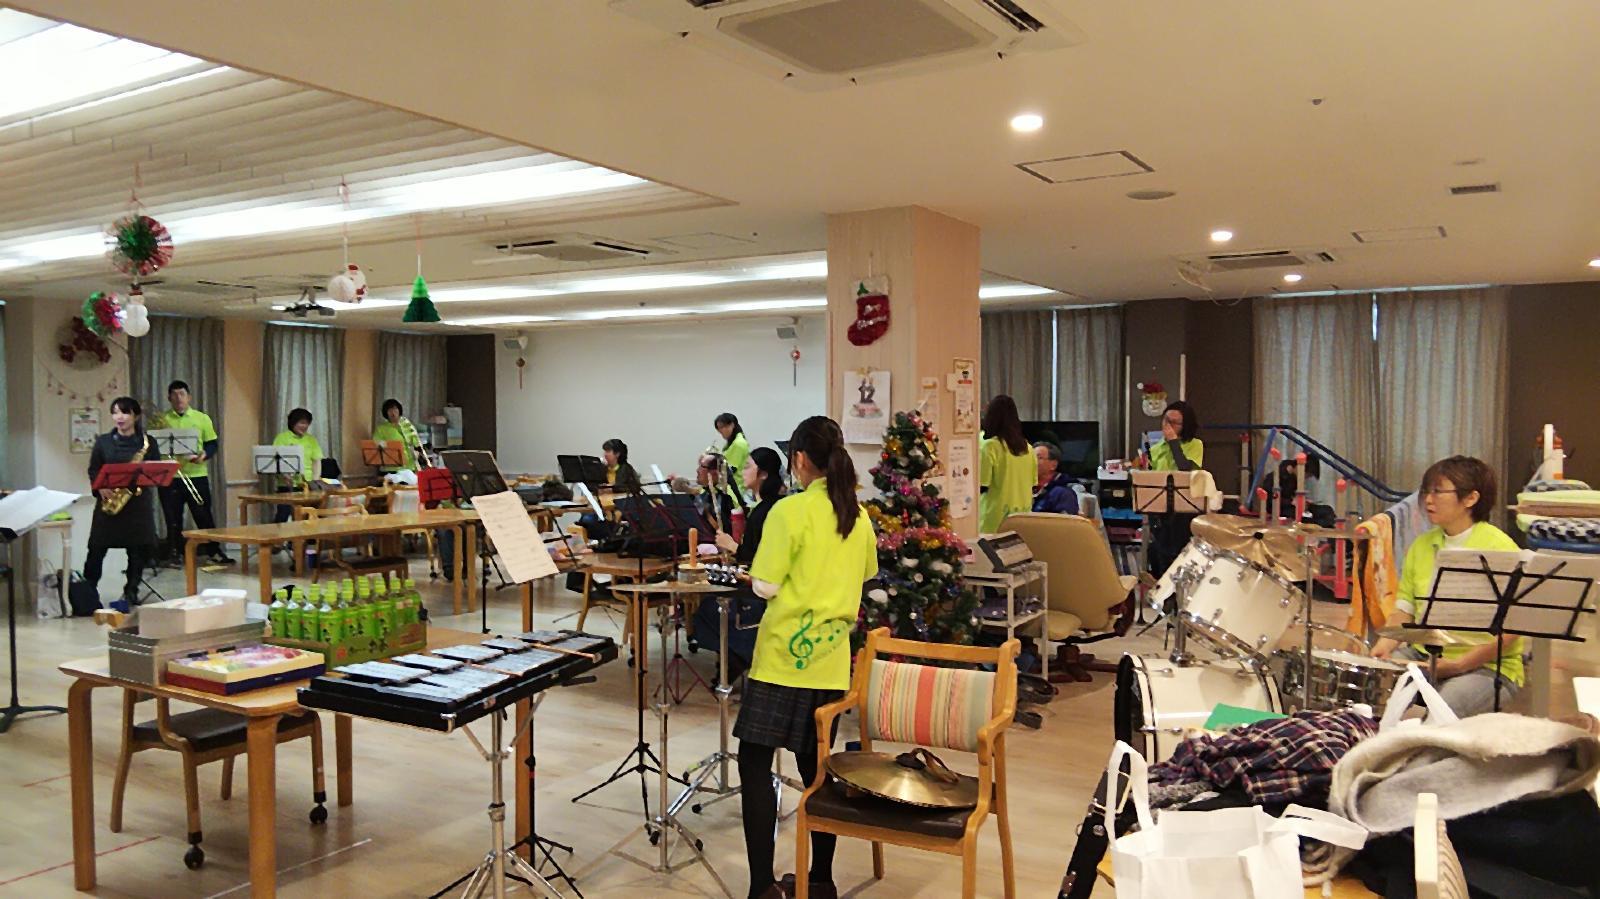 12月22日(日)葵の園佐倉南 クリスマス訪問演奏_f0200416_00110046.jpg